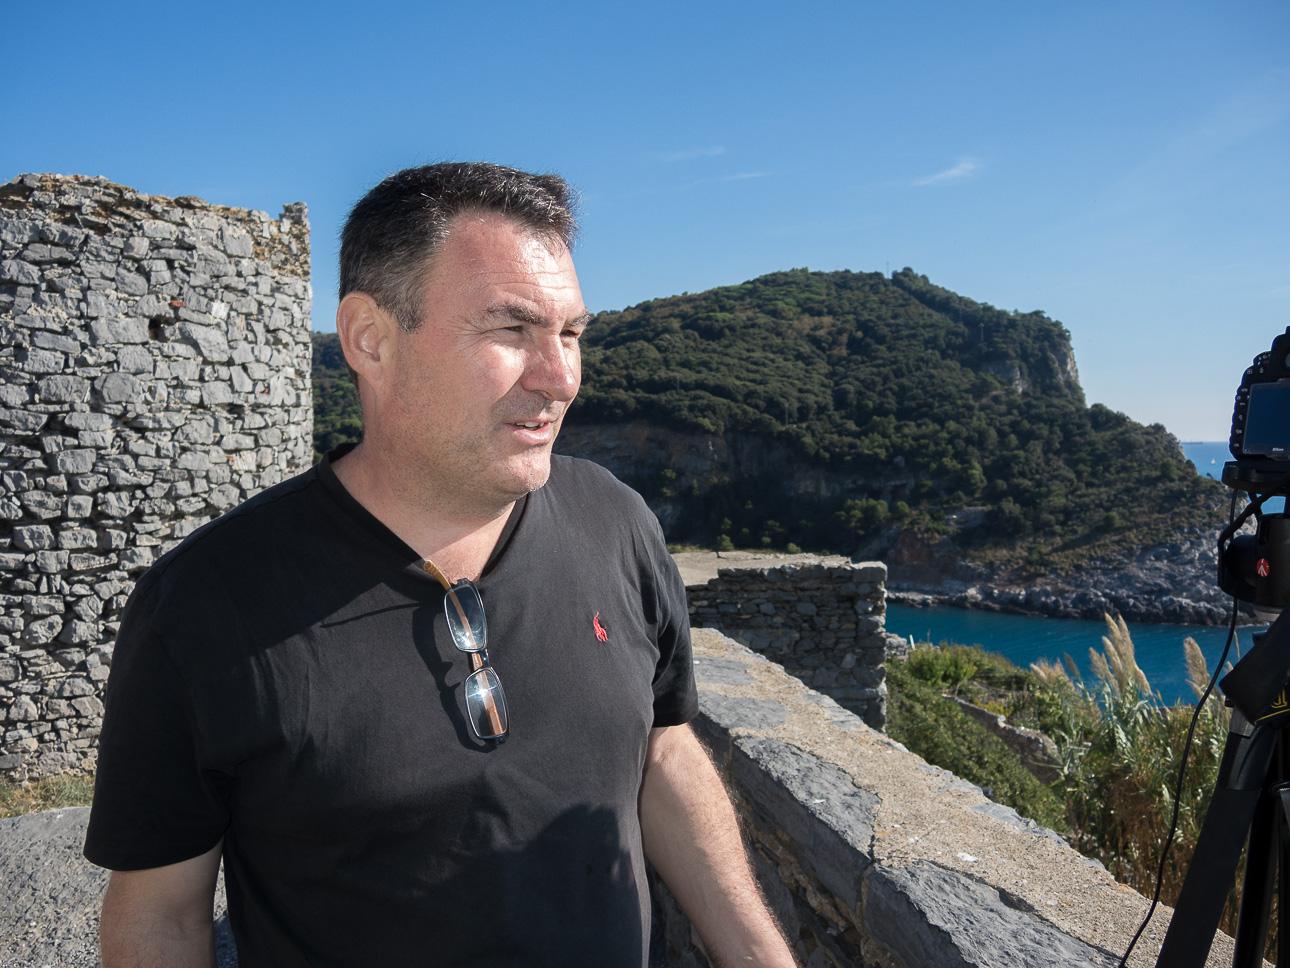 Fotokurse Ligurien Cinque Terre Fotolocation 9955